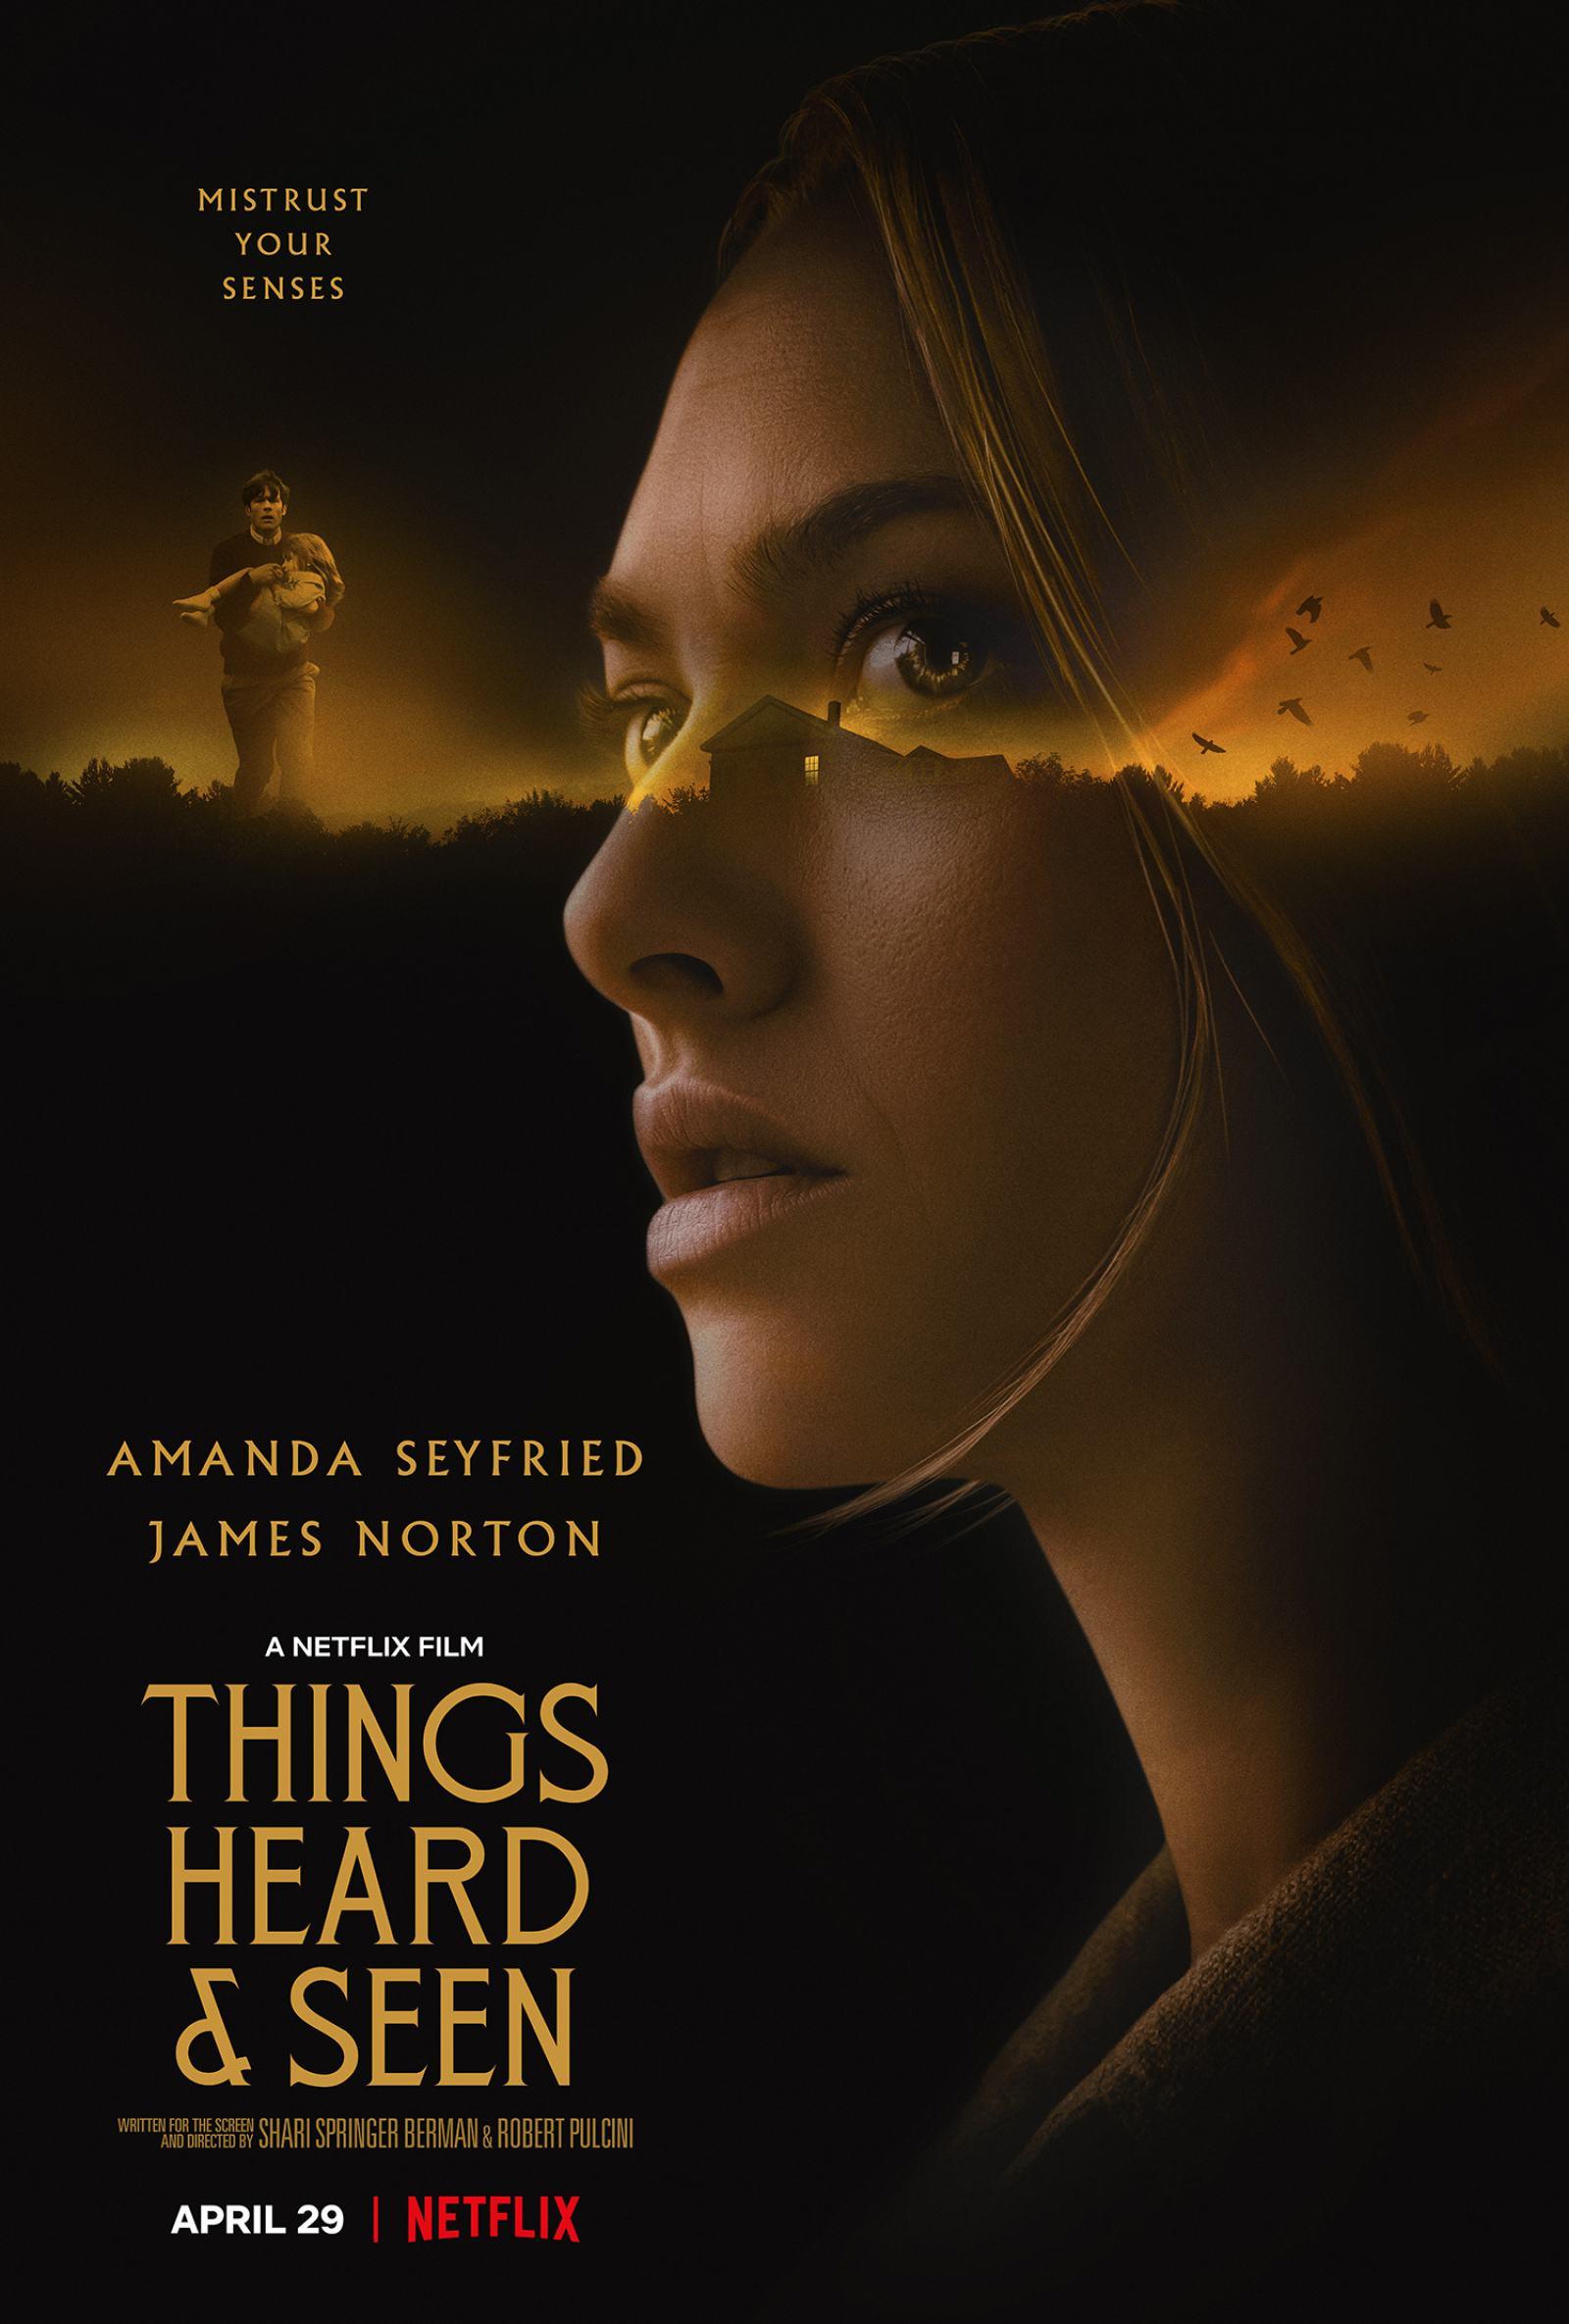 things-heard-seen-poster.jpg